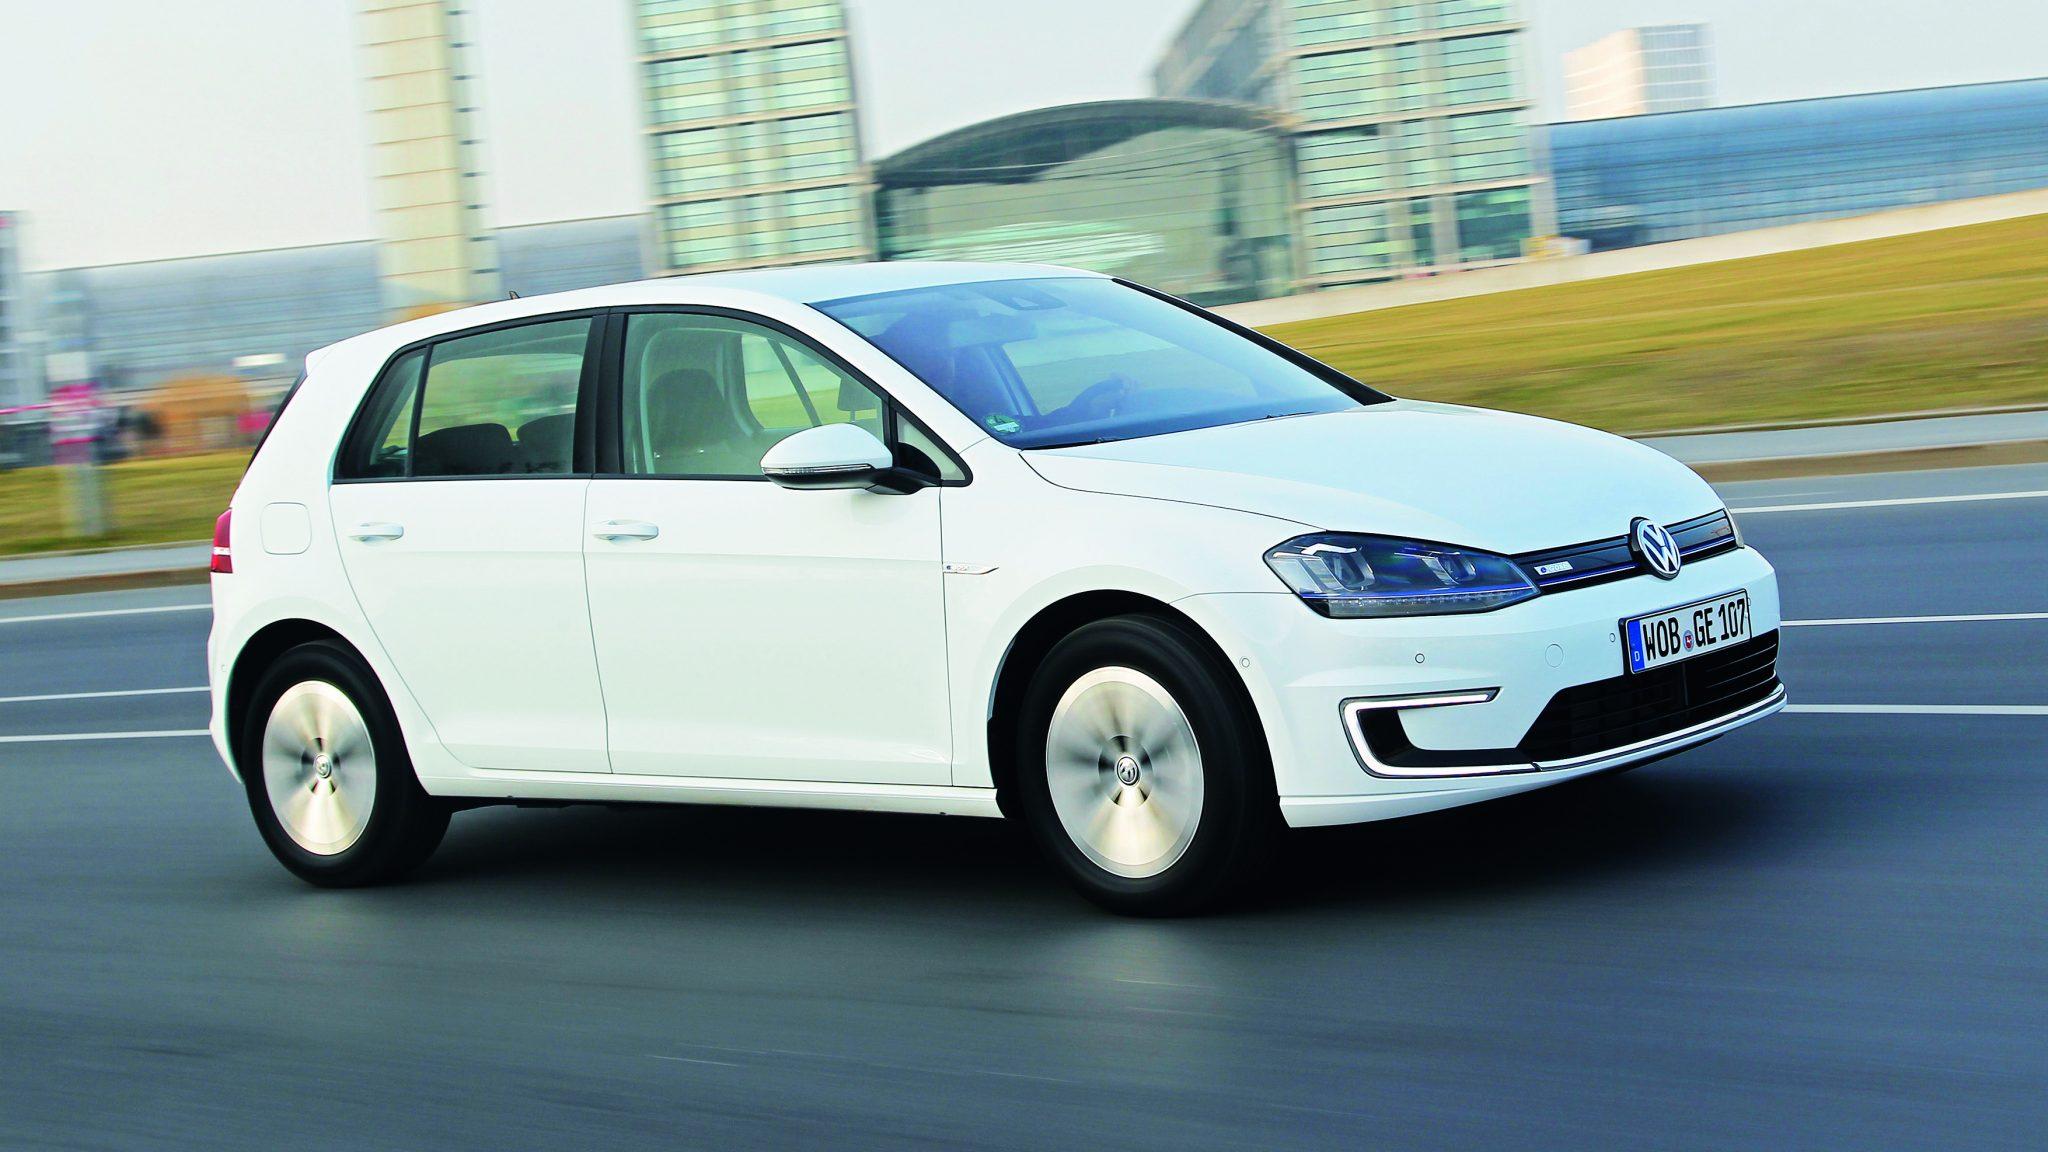 zijkant-Volkswagen-E-golf